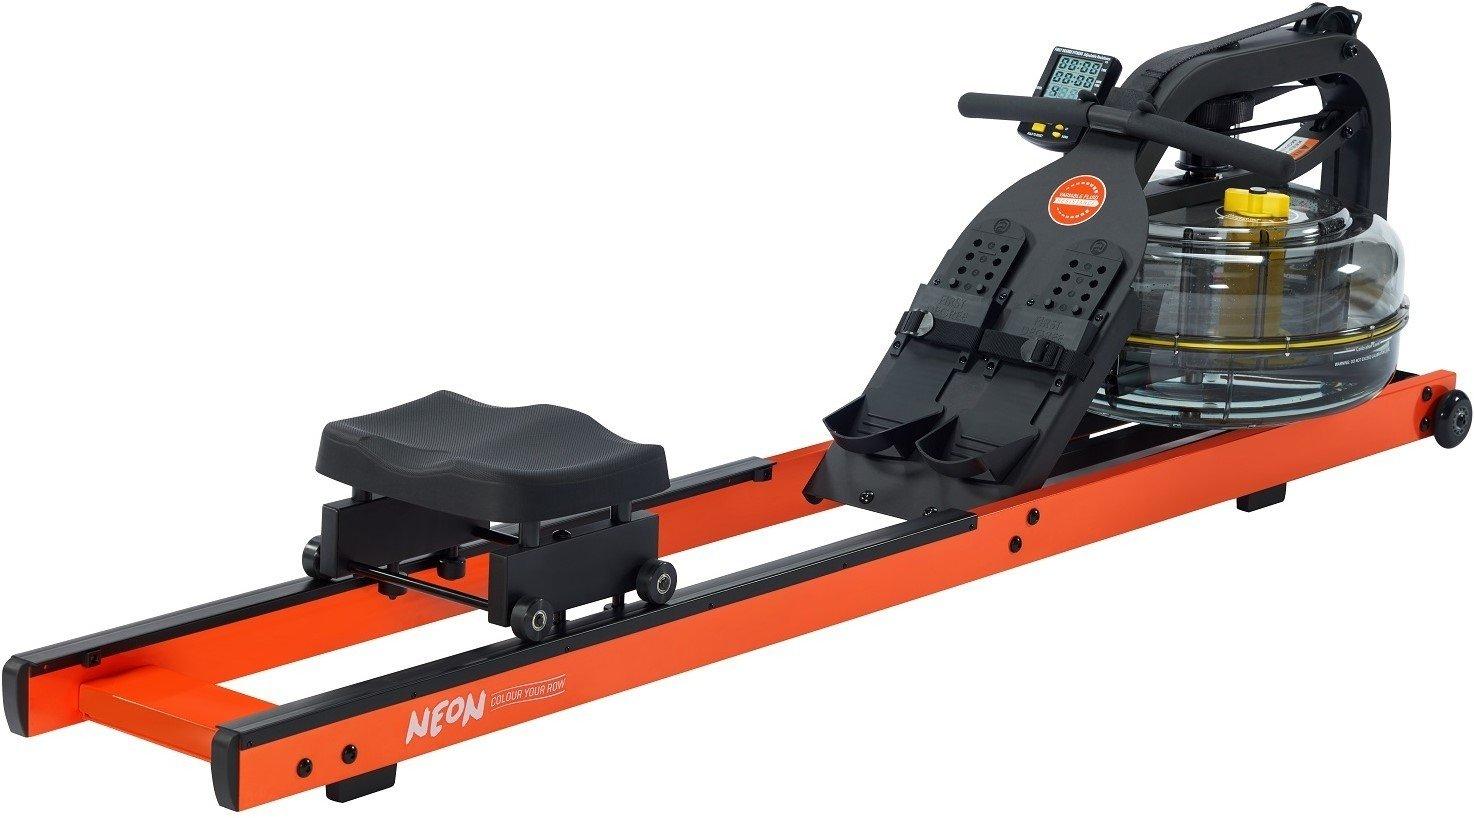 Afbeelding van First Degree Fitness Neon Roeitrainer Oranje